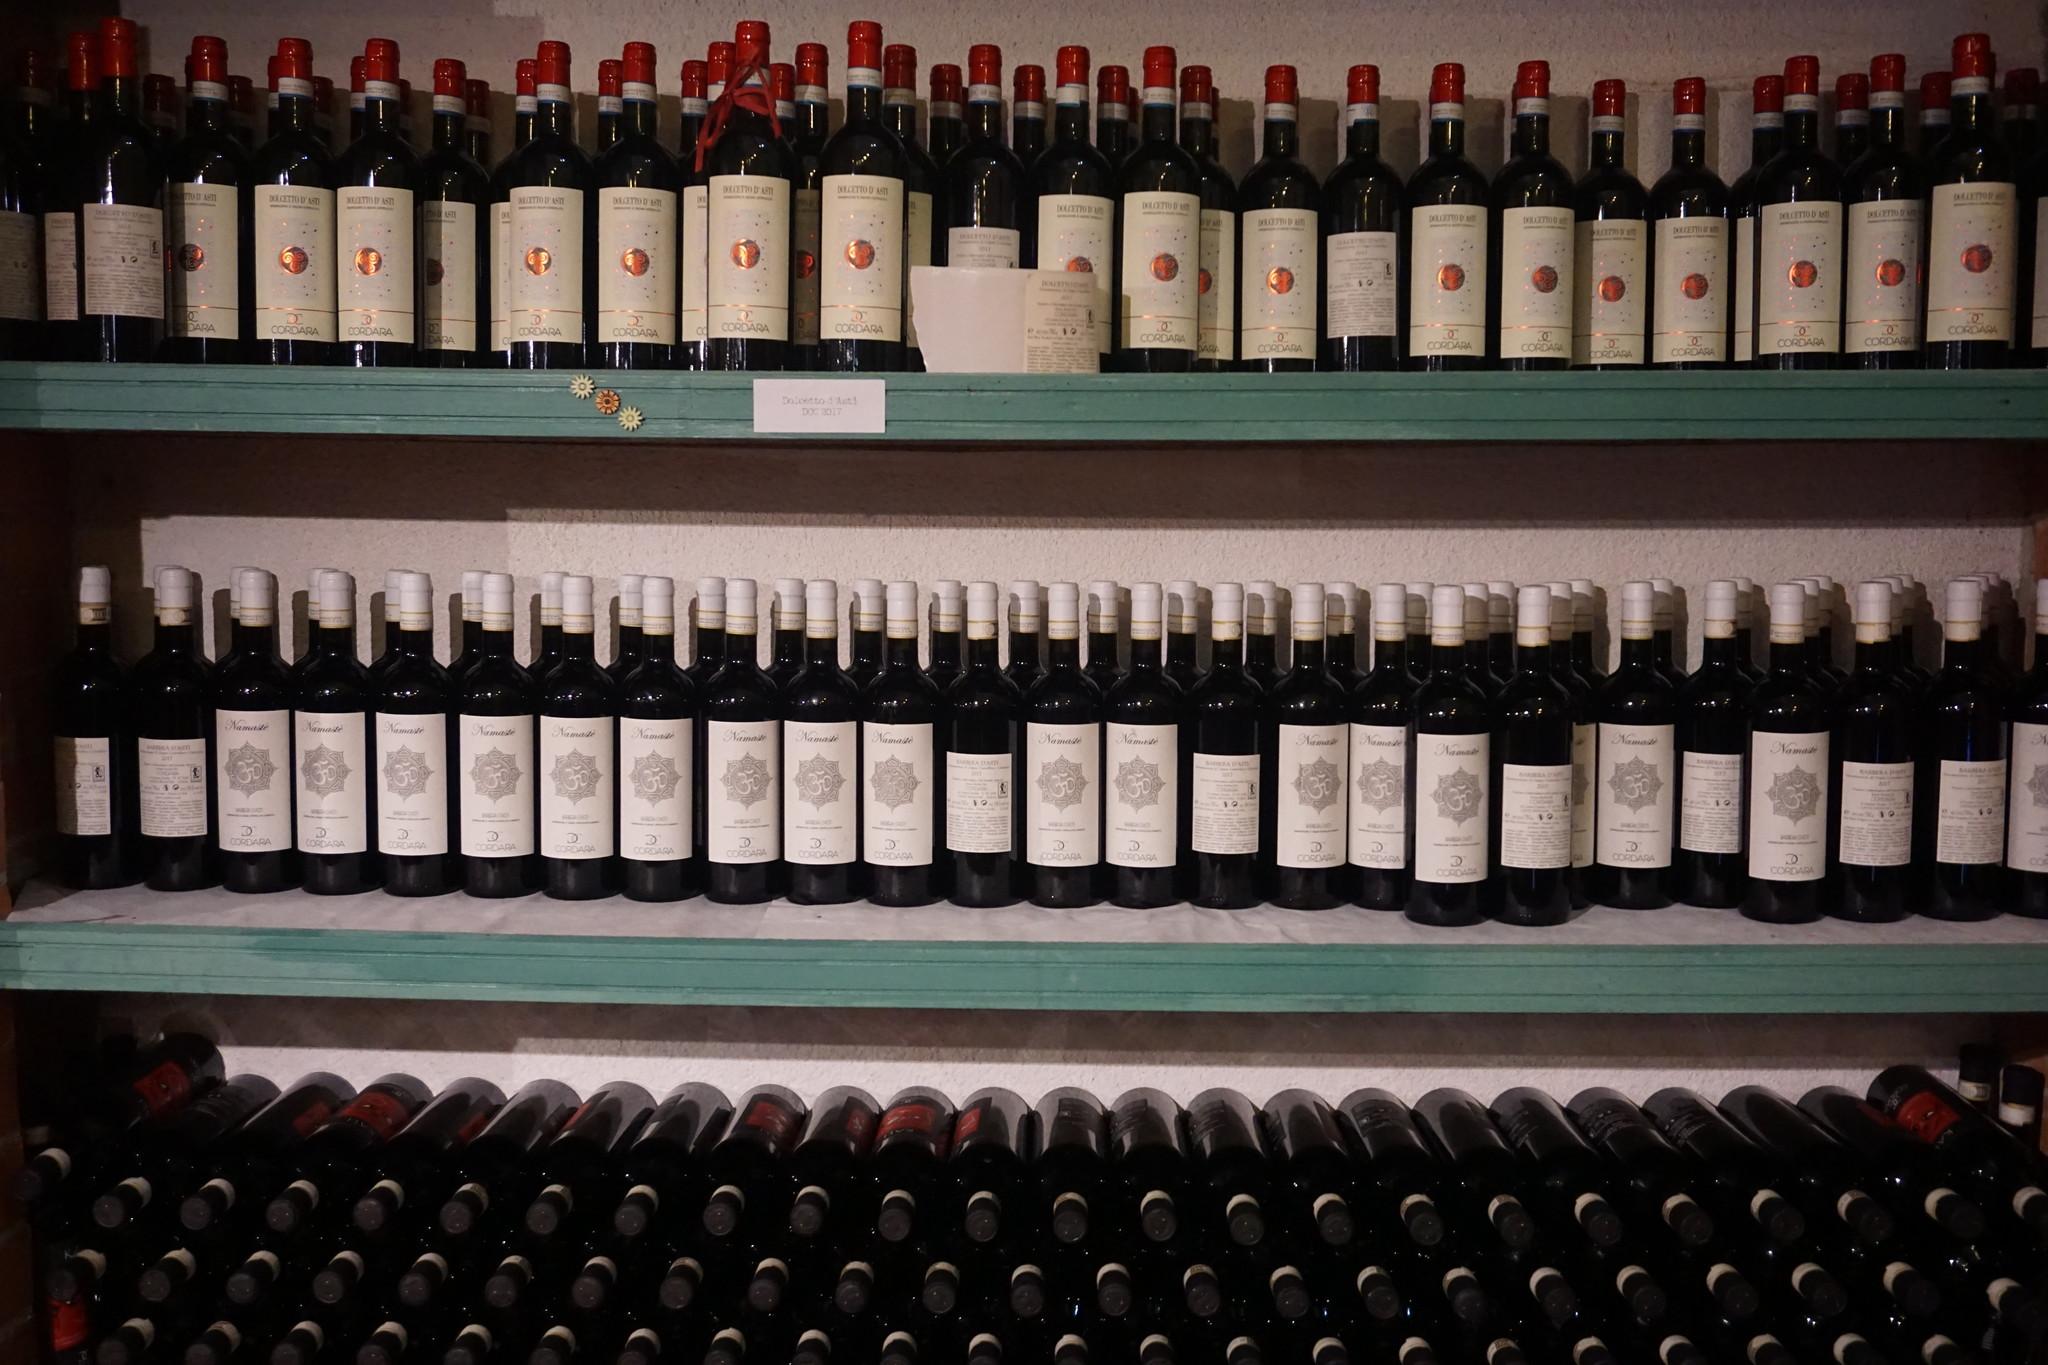 Onwine blog wijnboeren covid